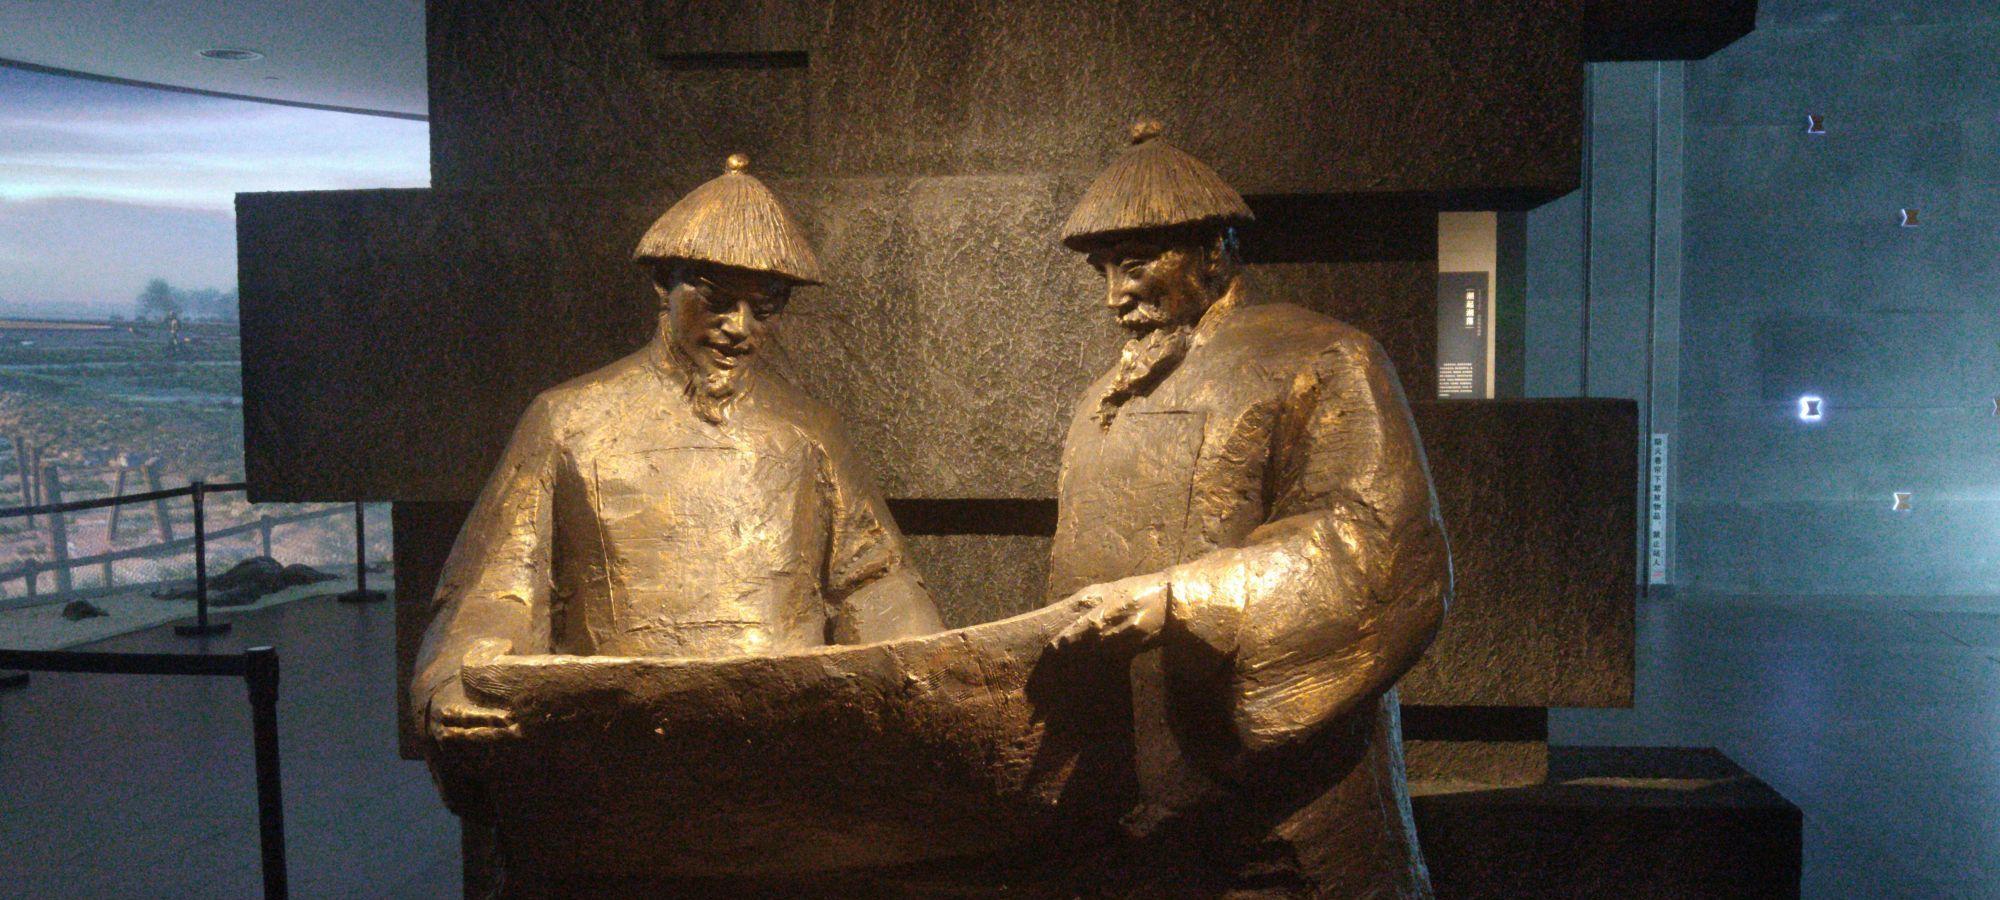 上海之鱼奉贤博物馆里的名人:范仲淹,林则徐